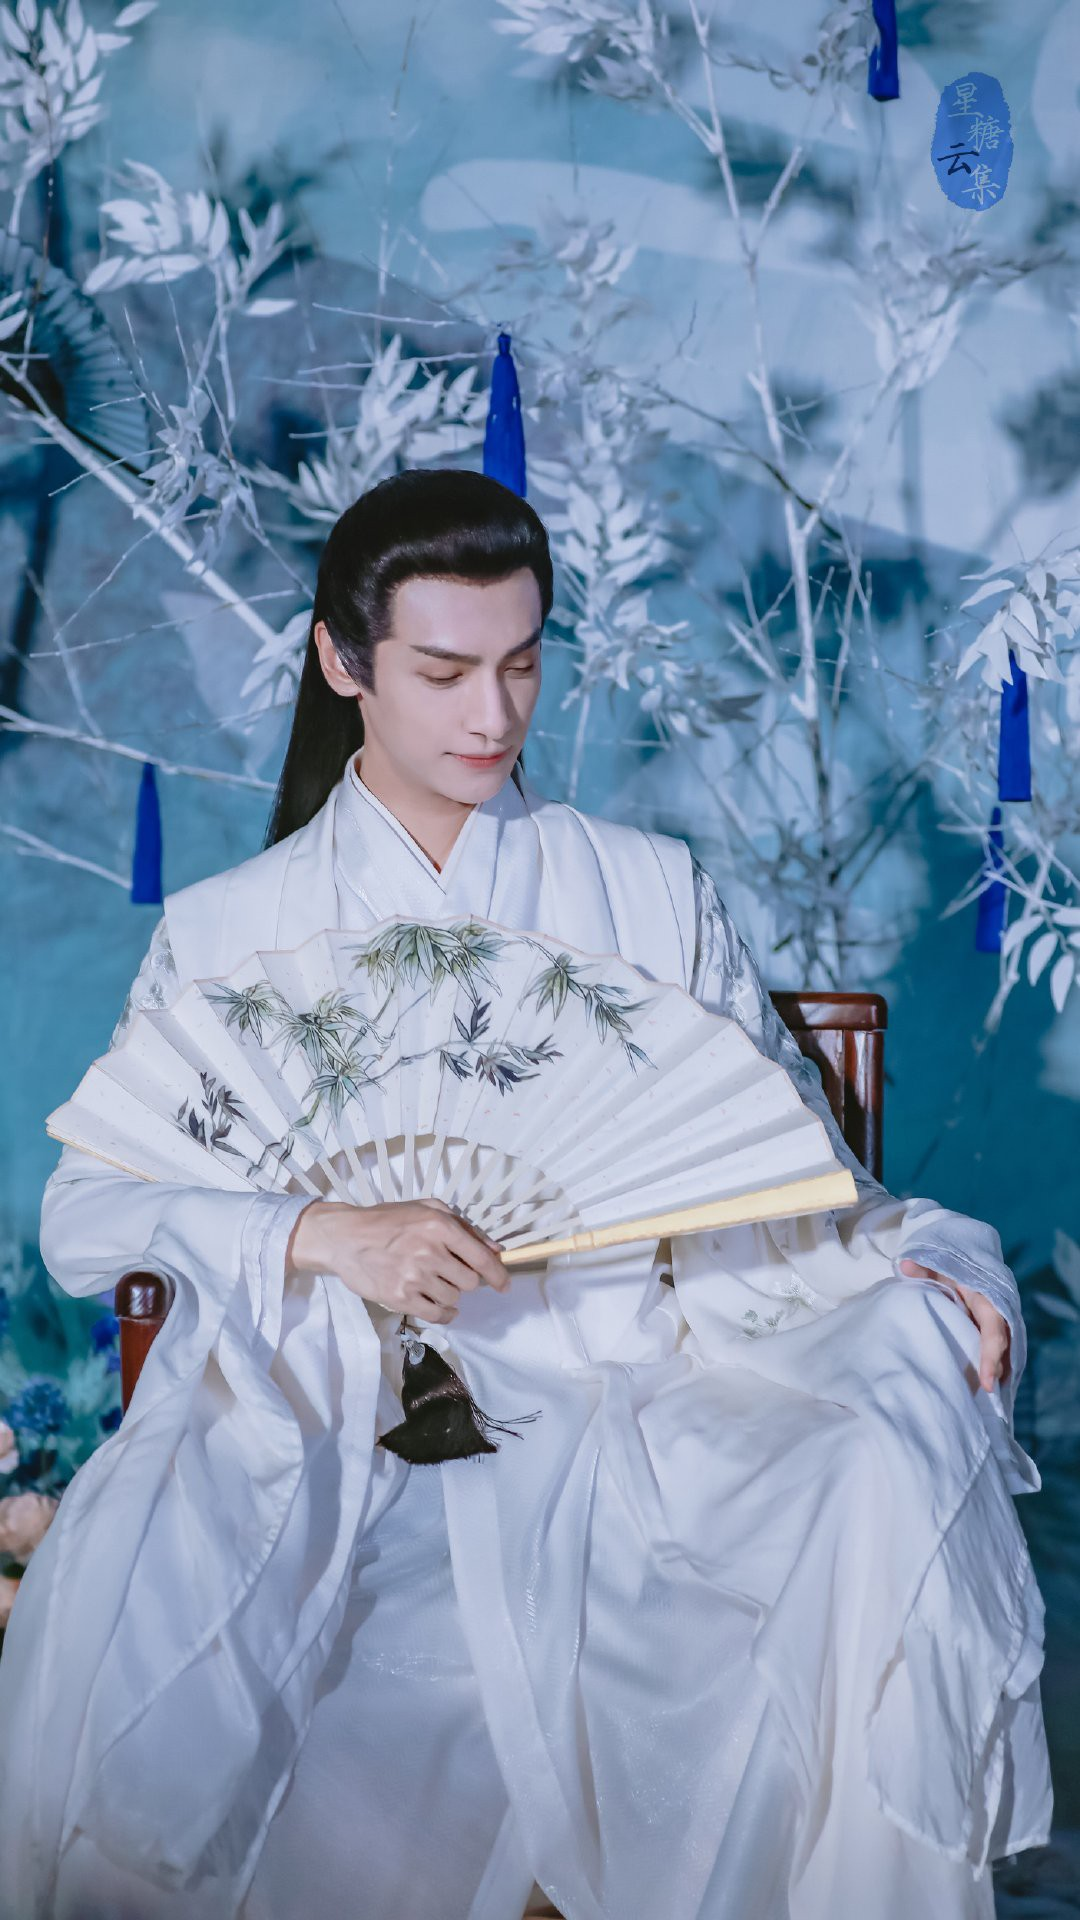 Cả nhà ra đây mà xem, La Vân Hi múa võ hệt như Tiểu Long Nữ ở hậu trường phim Nguyệt Thượng Trọng Hỏa - Ảnh 21.